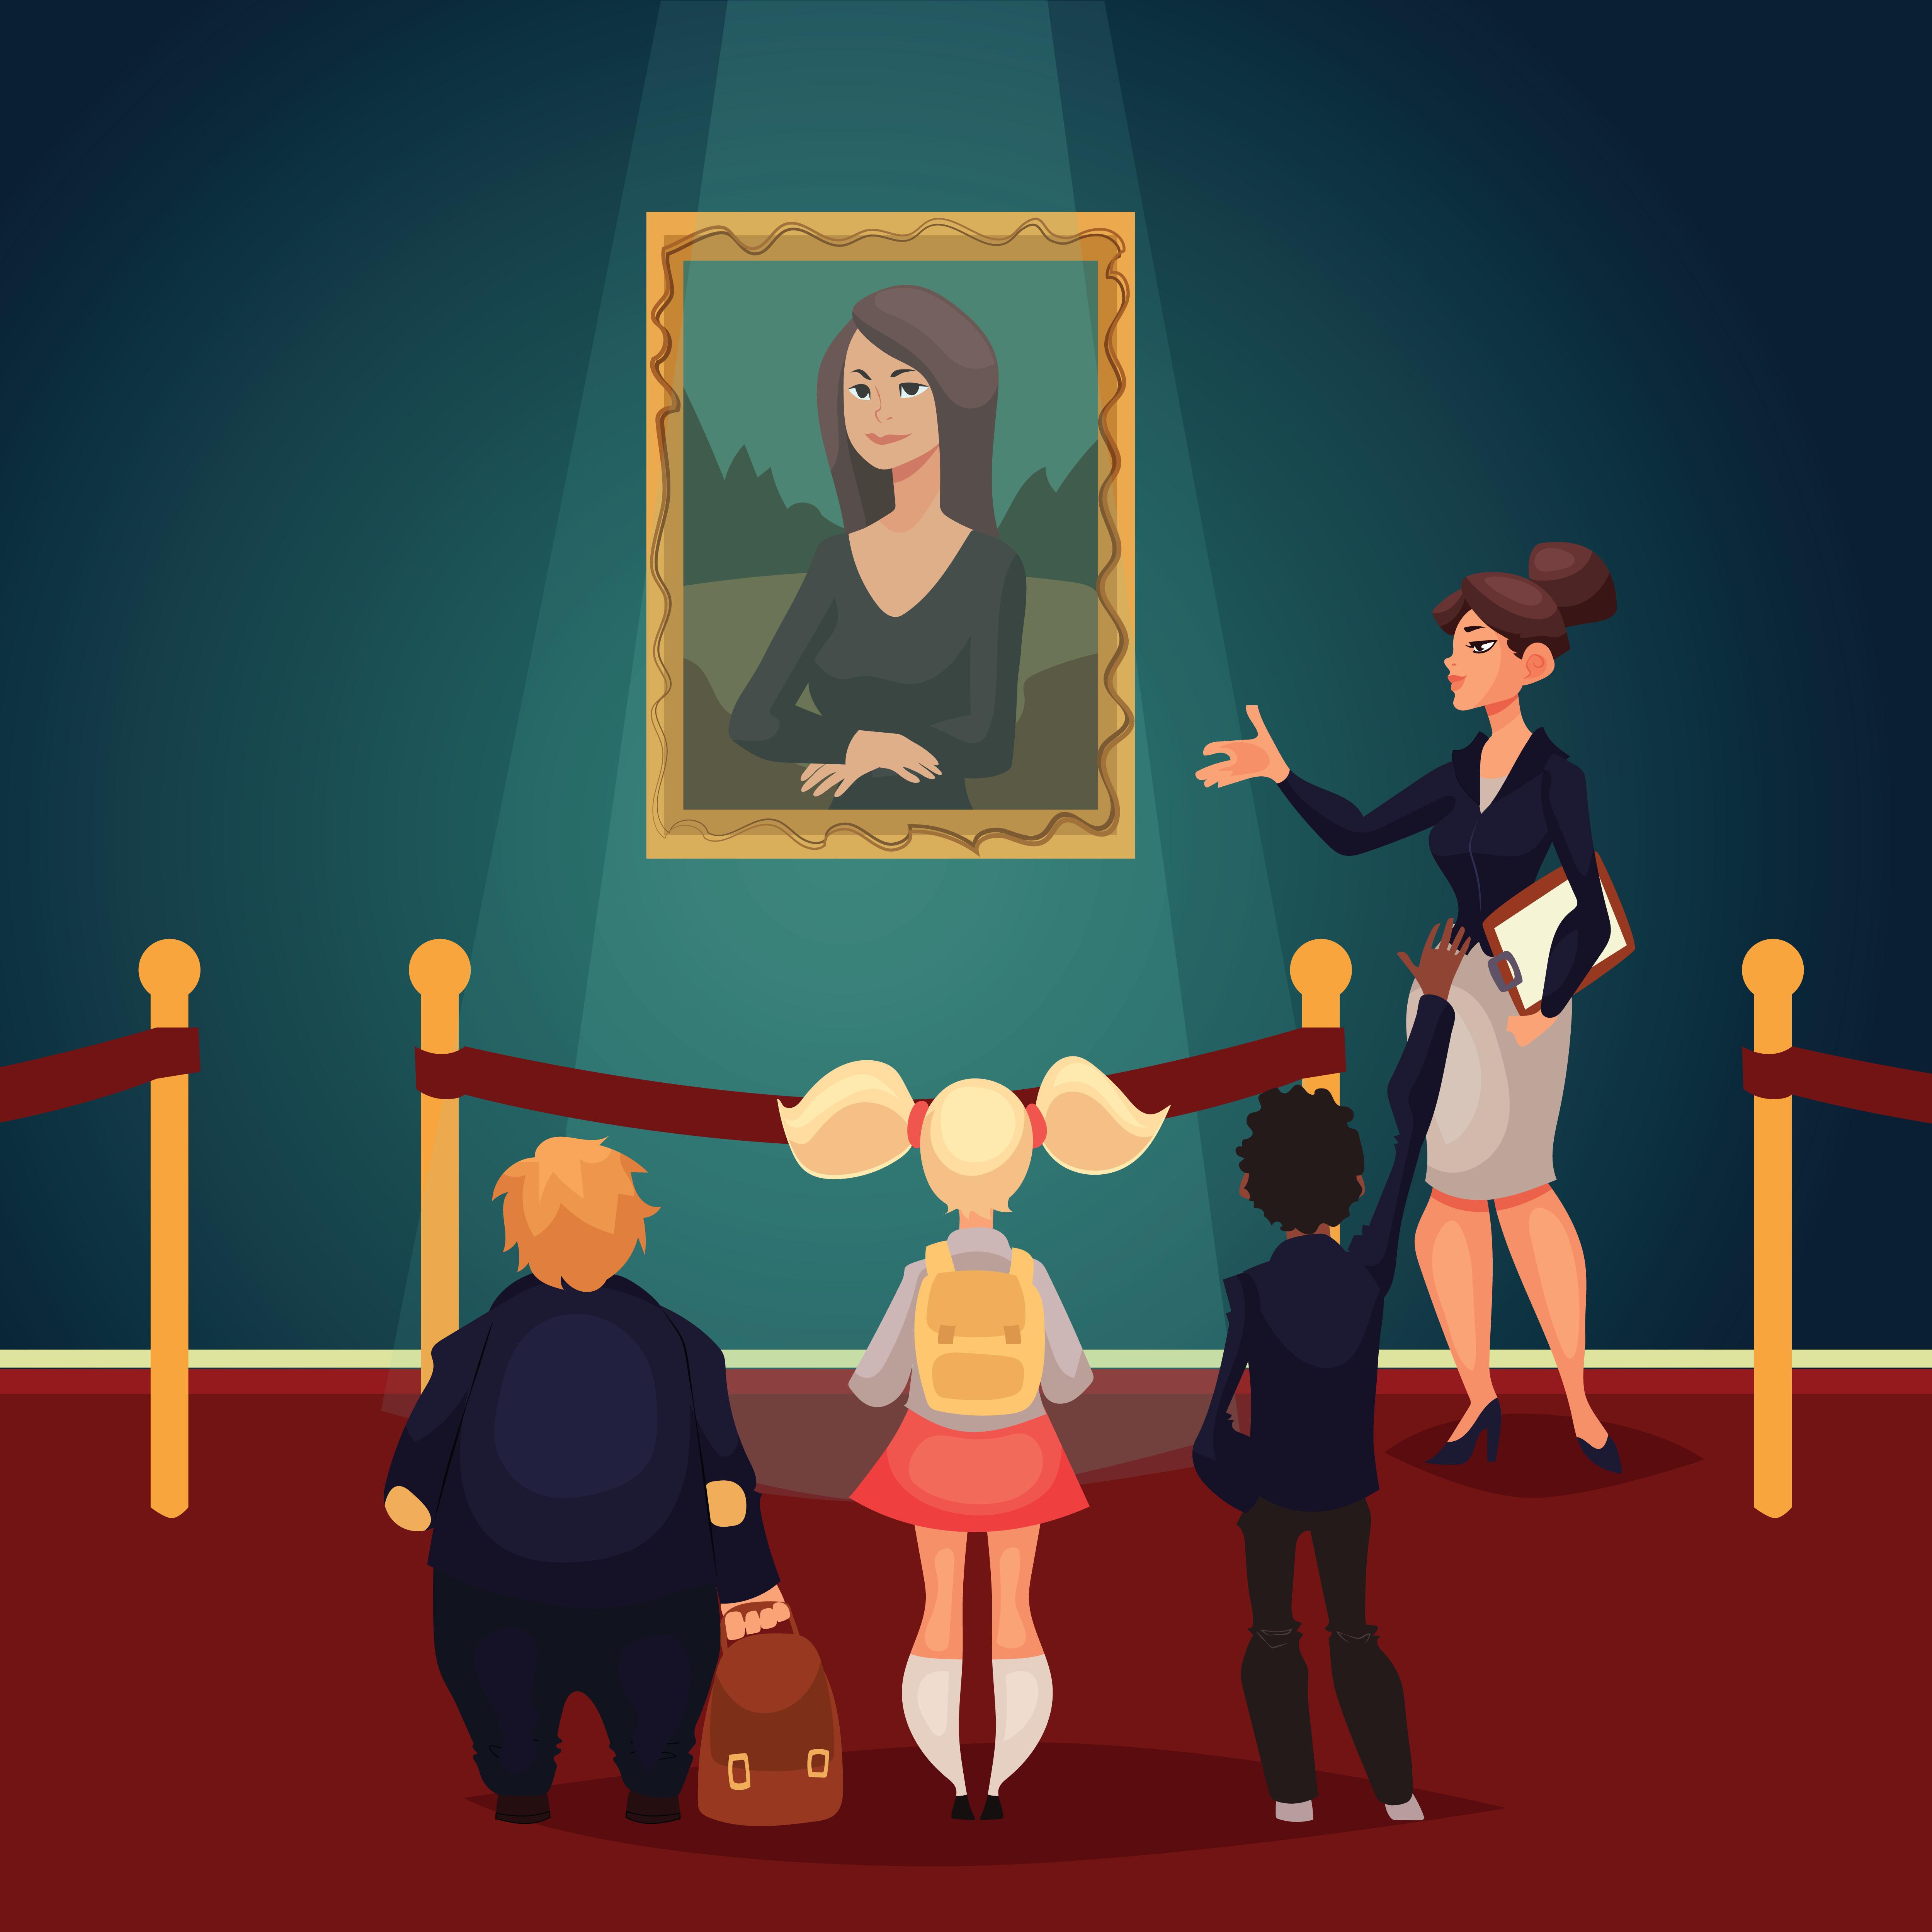 Découvrez comment attirer des prospects lors des salons  -  Walkcast Salons [5] 1